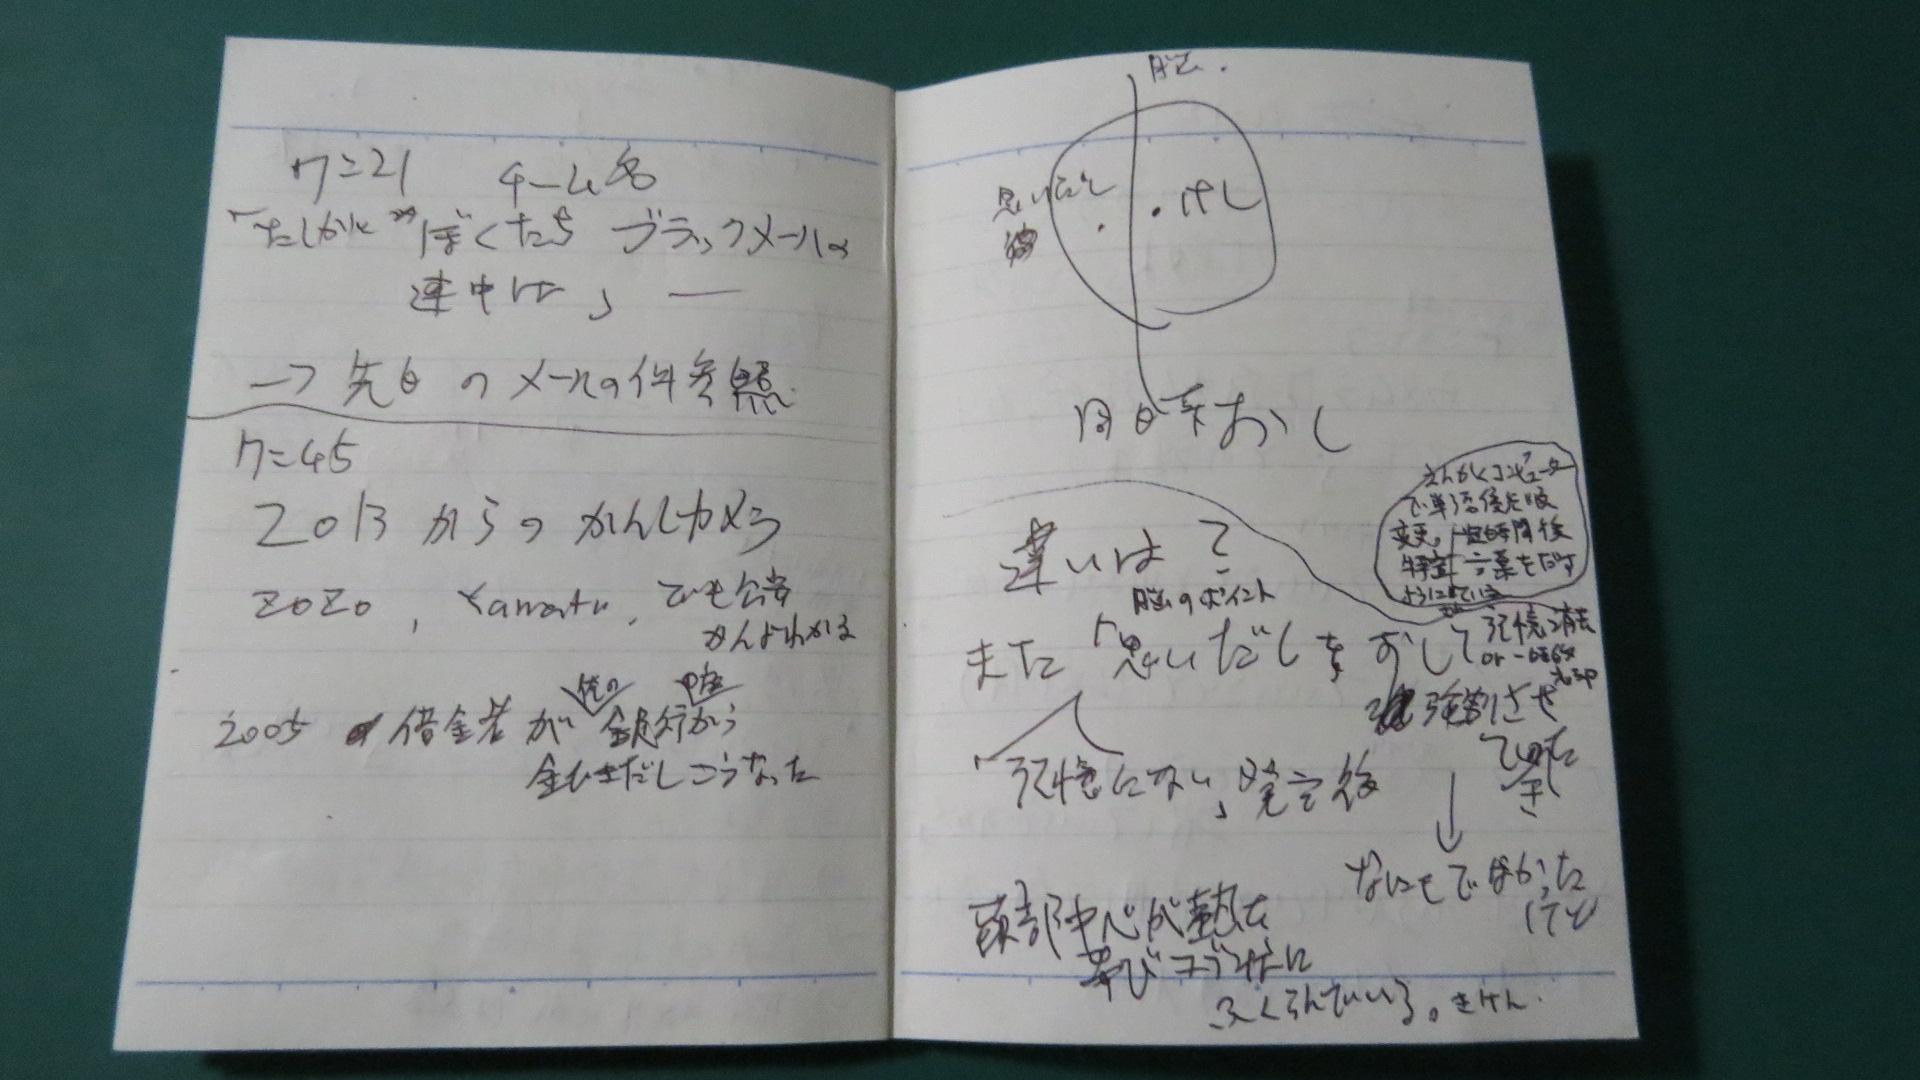 f:id:uta_stream:20171011105107j:plain